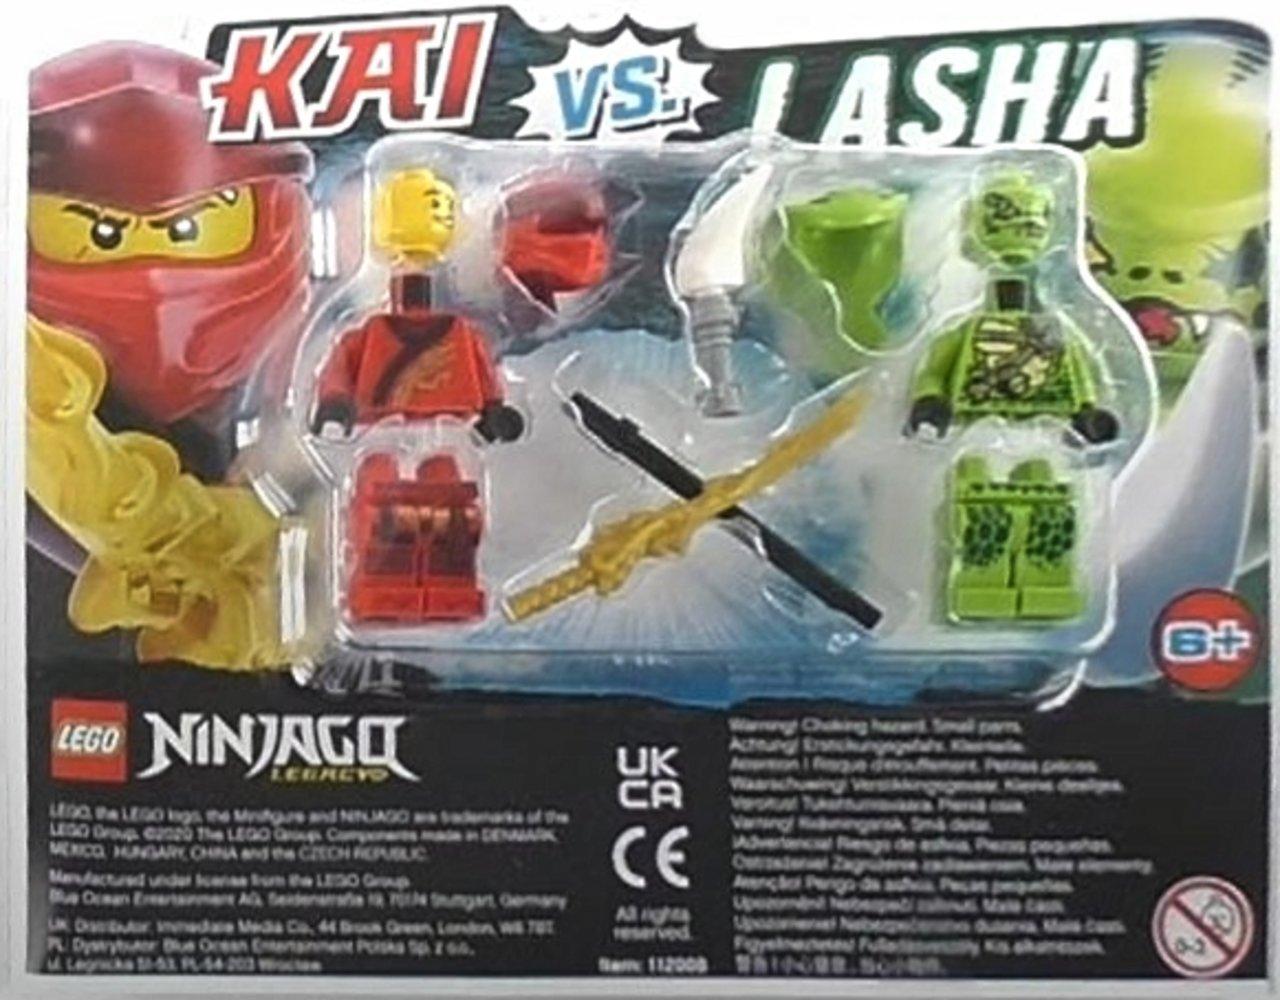 Kai vs. Lasha